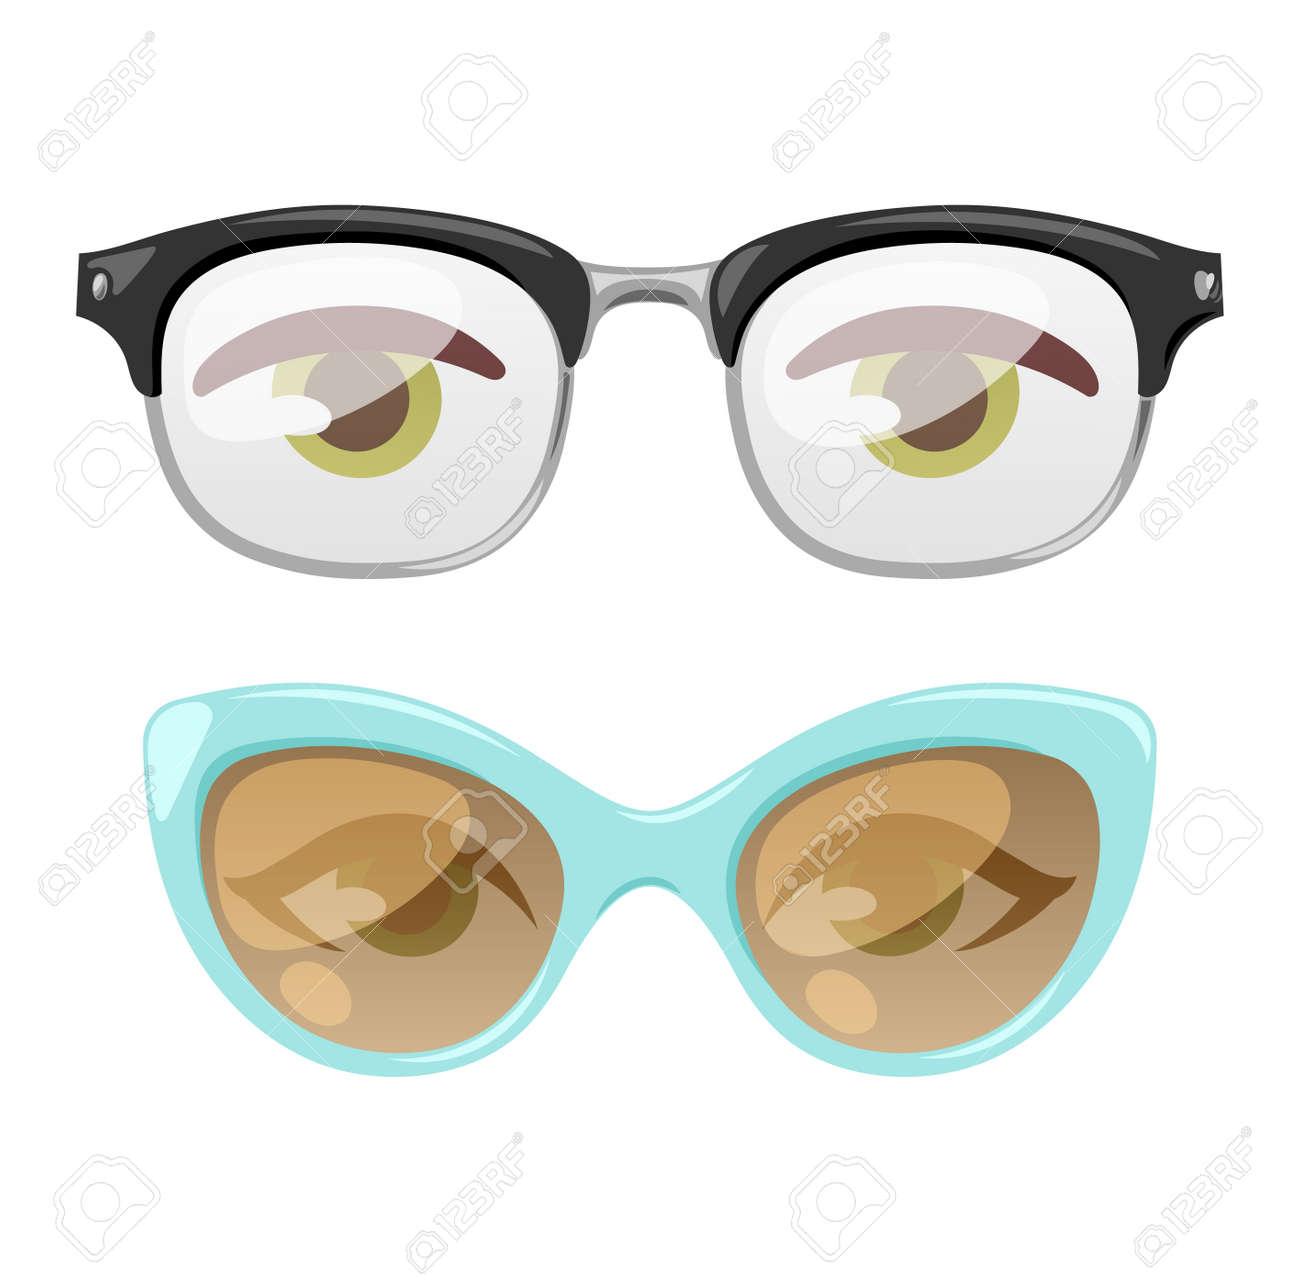 Lesebrillen Menschliche Auge Sehkraft Ausrüstung. Brille Menschliche ...